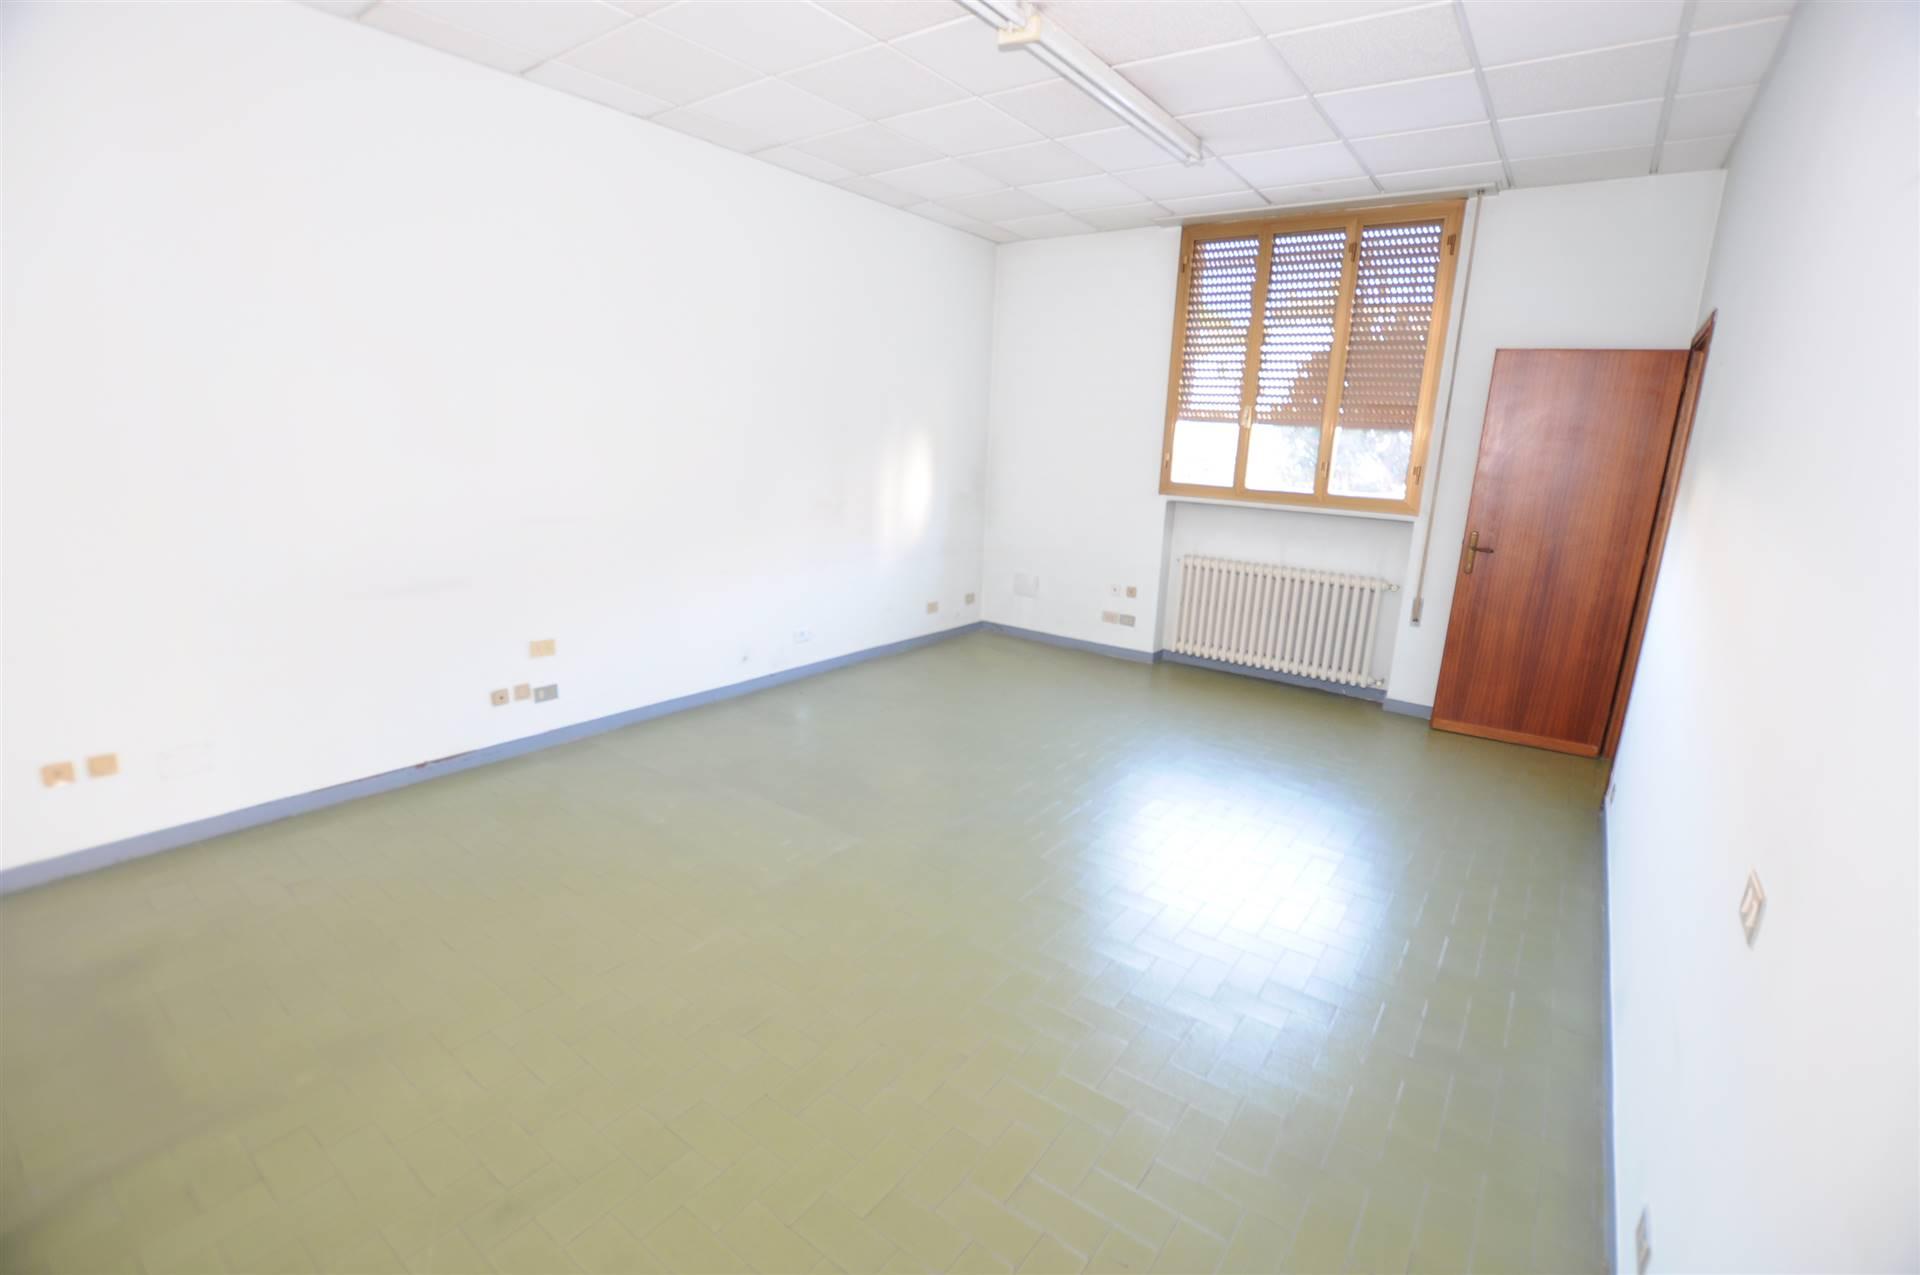 Ufficio / Studio in vendita a Chiesina Uzzanese, 4 locali, prezzo € 60.000 | CambioCasa.it